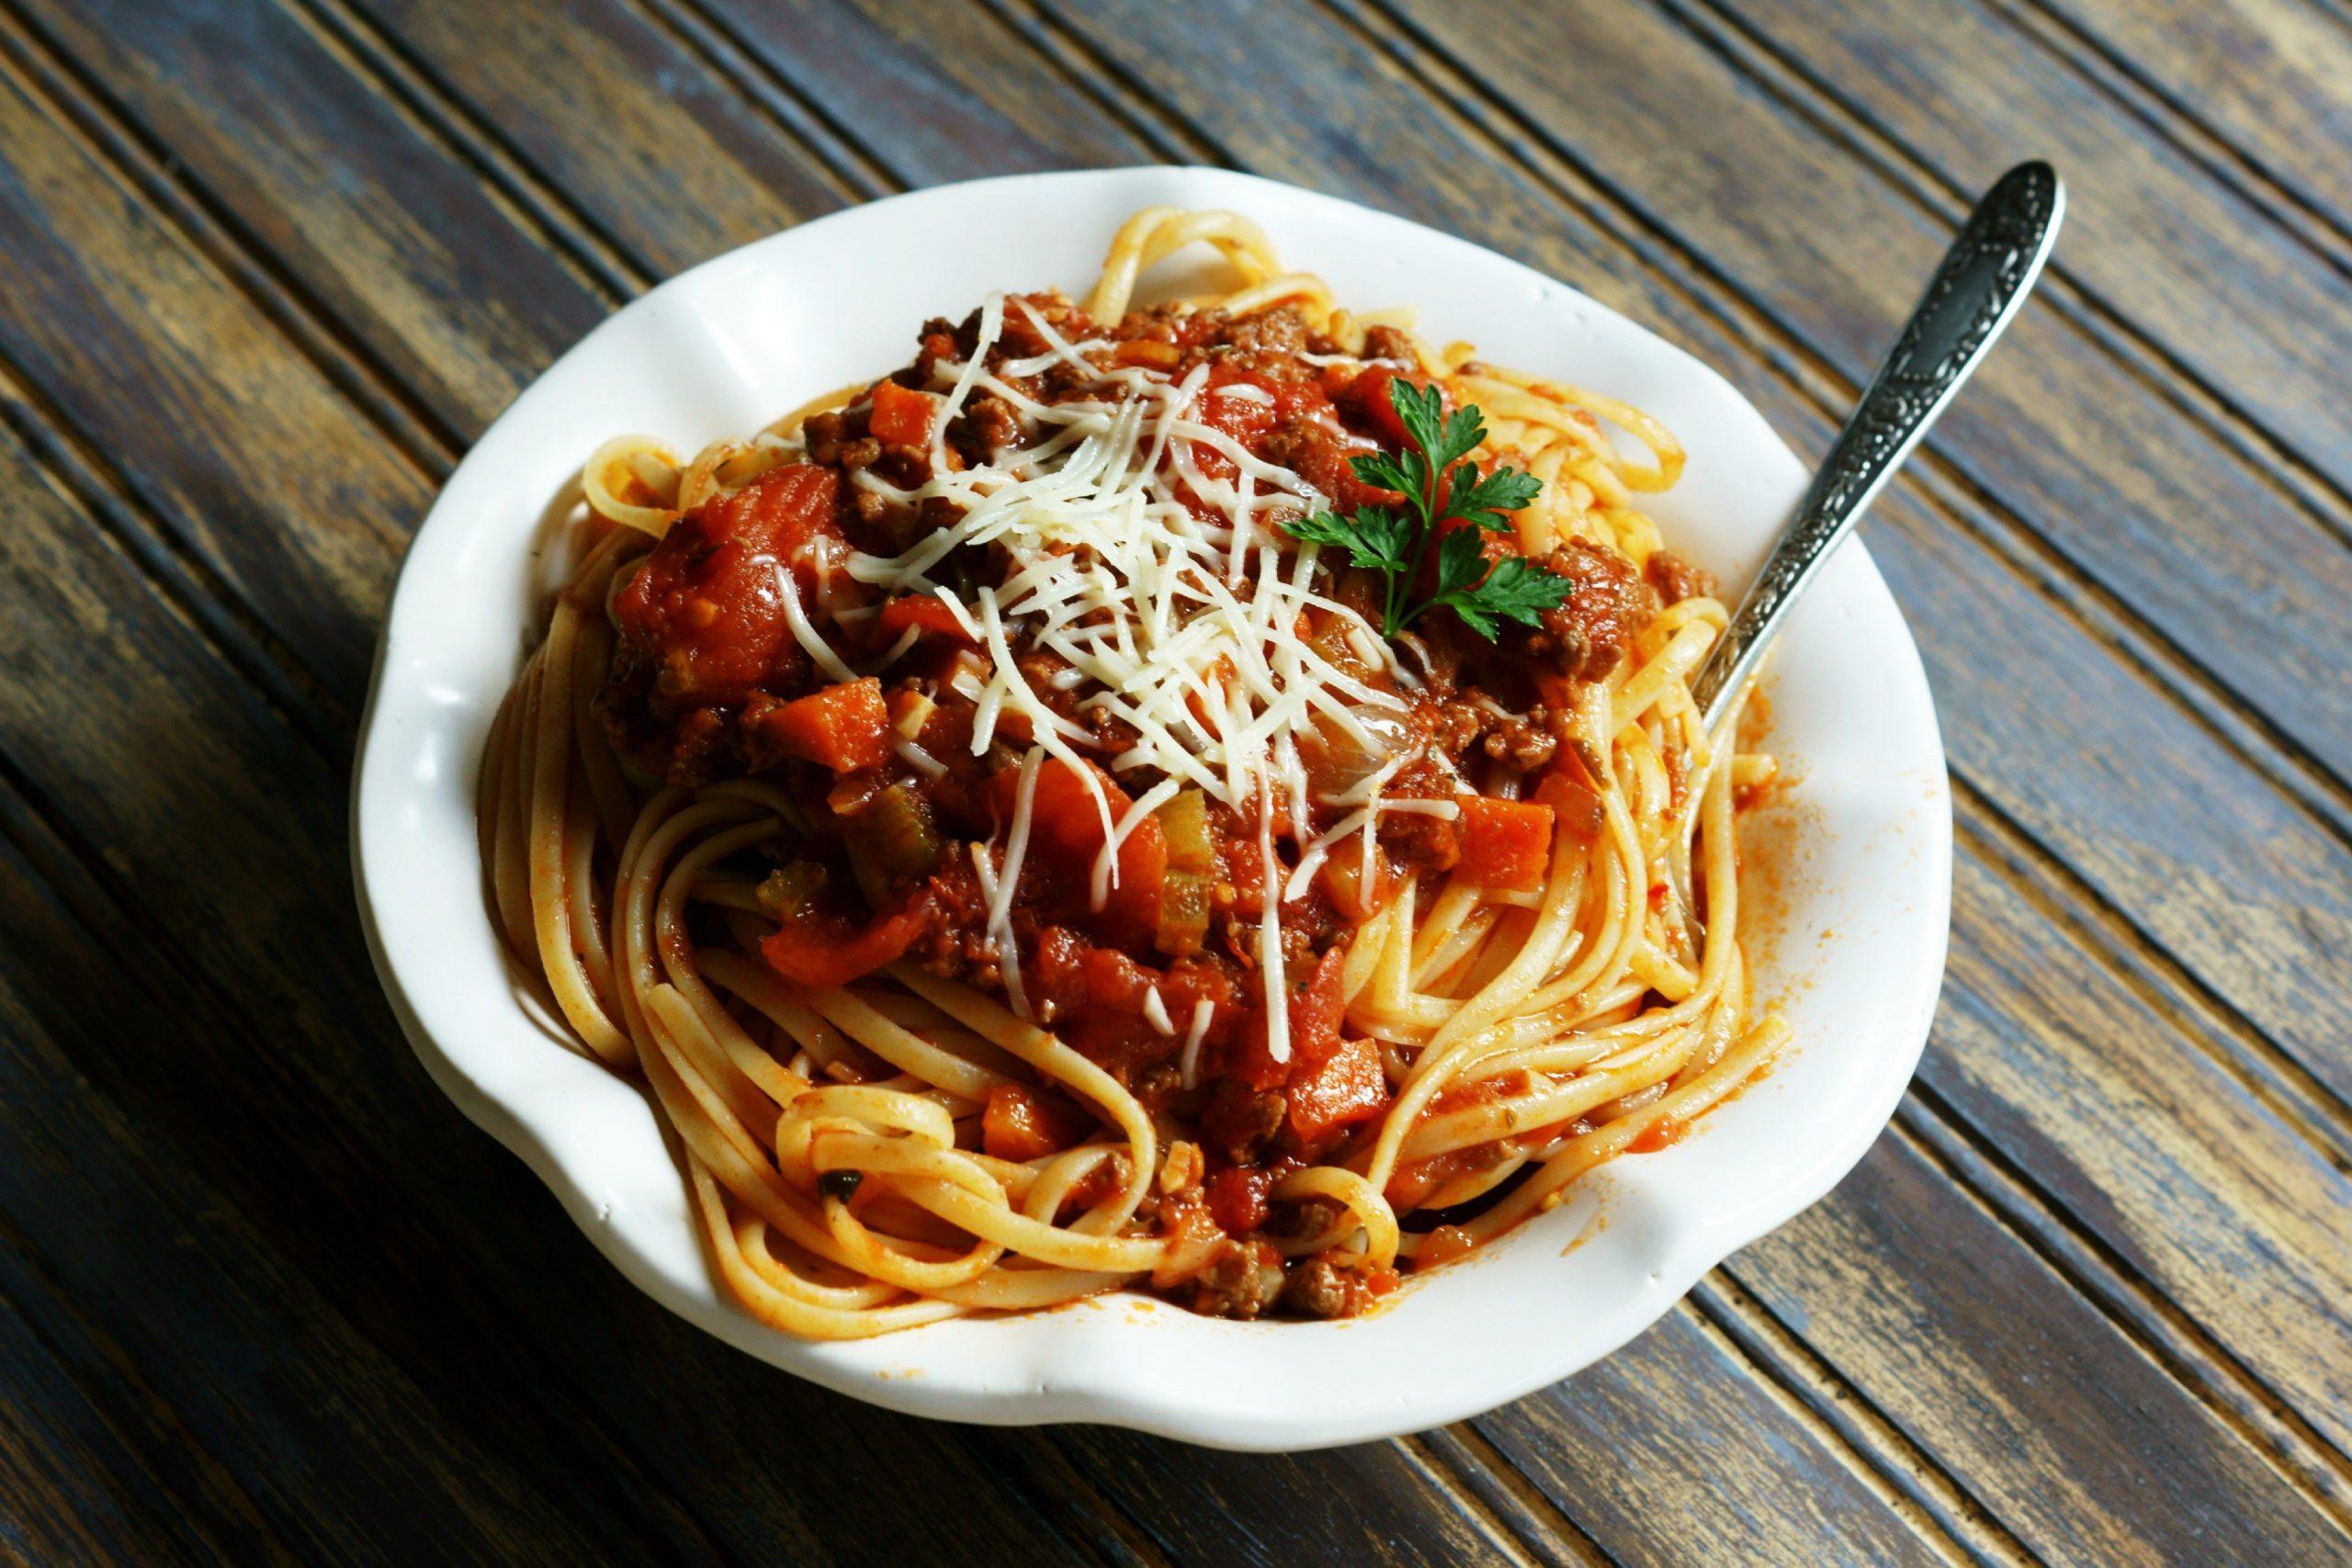 Receita de esparguete à bolonhesa para almoço rápido e simples